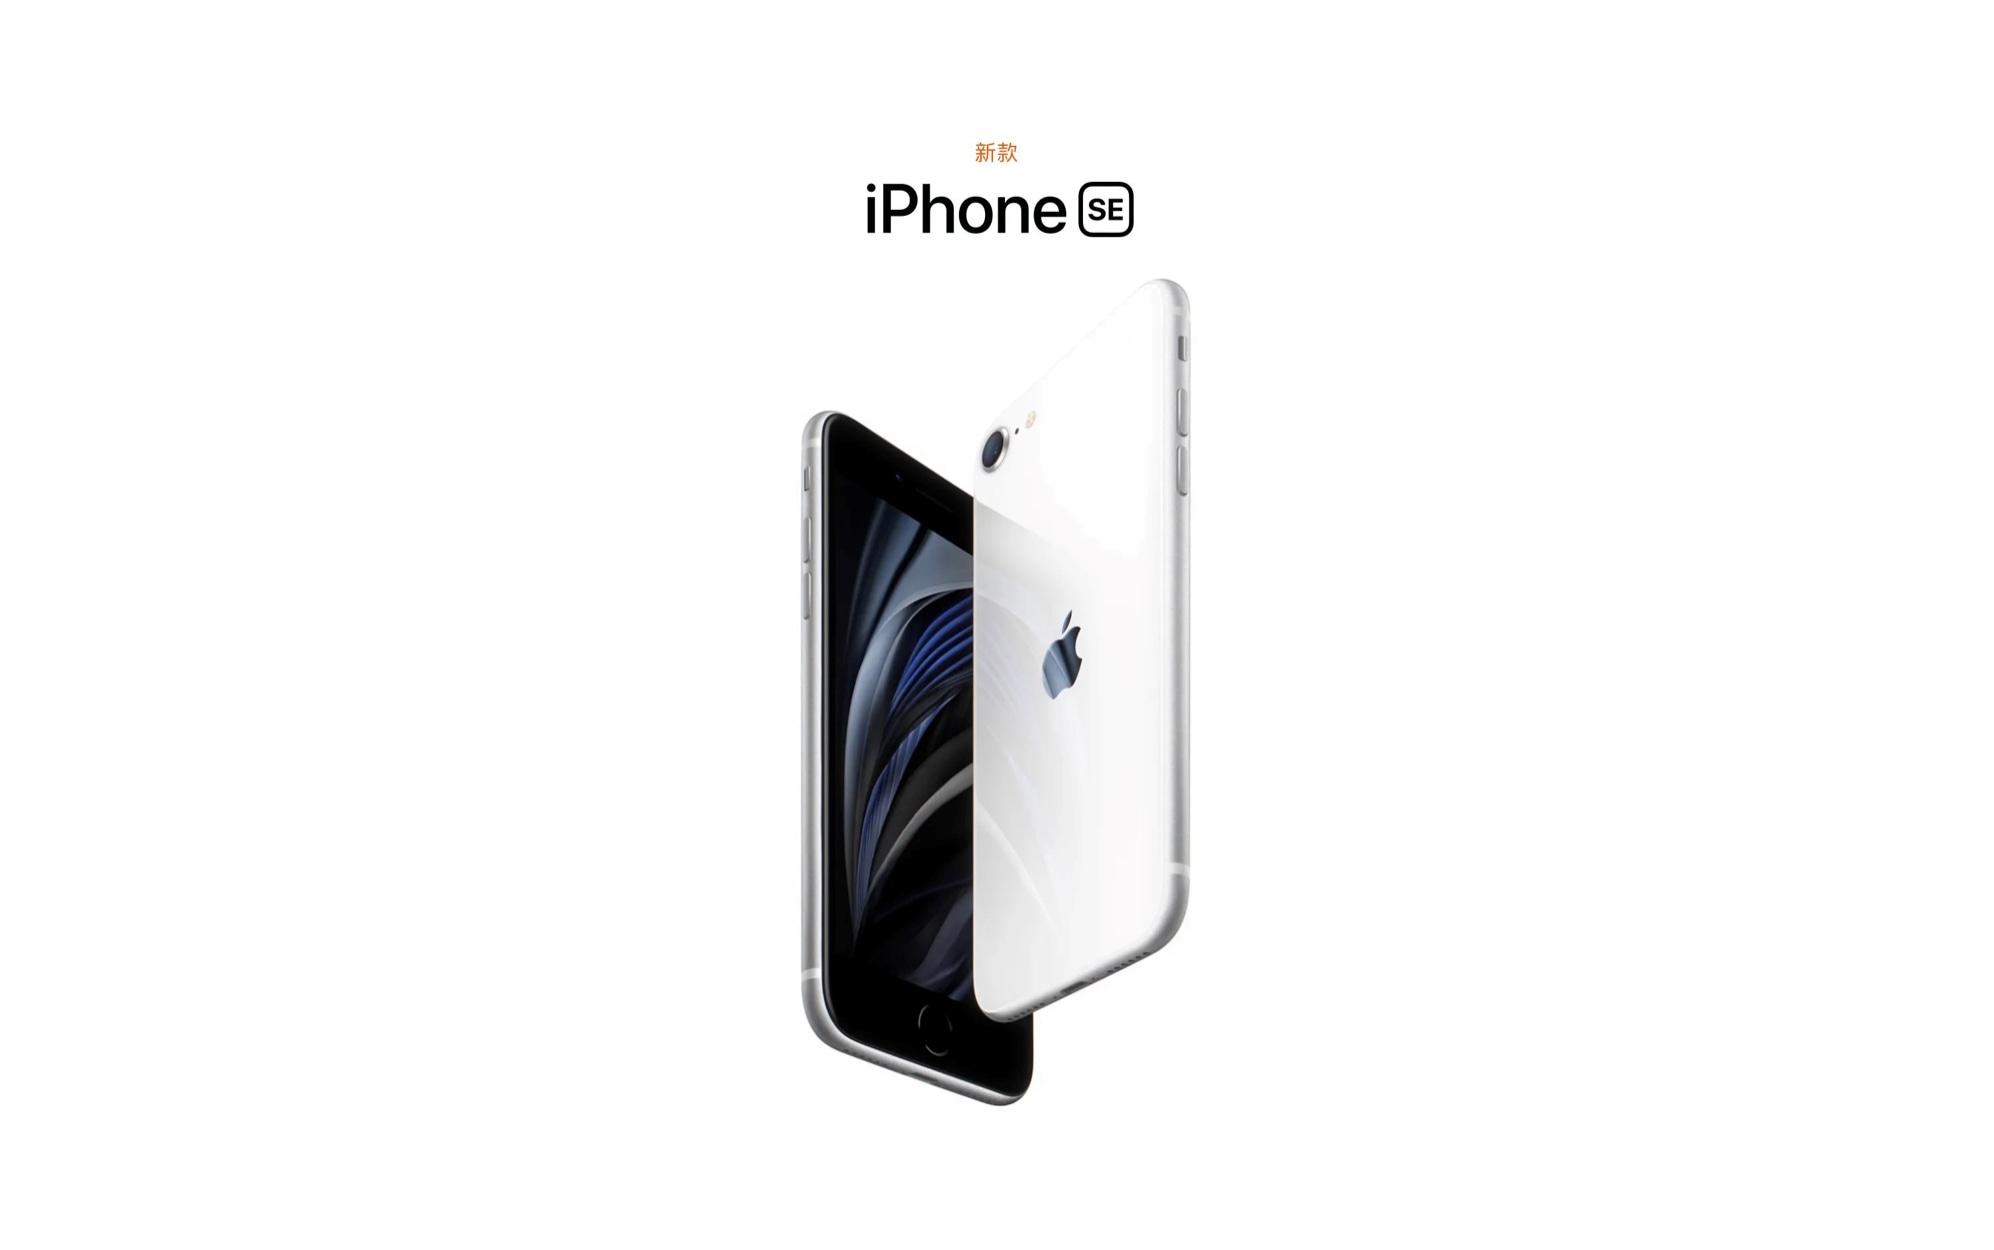 苹果新款iPhone SE 2020 官方宣传广告片